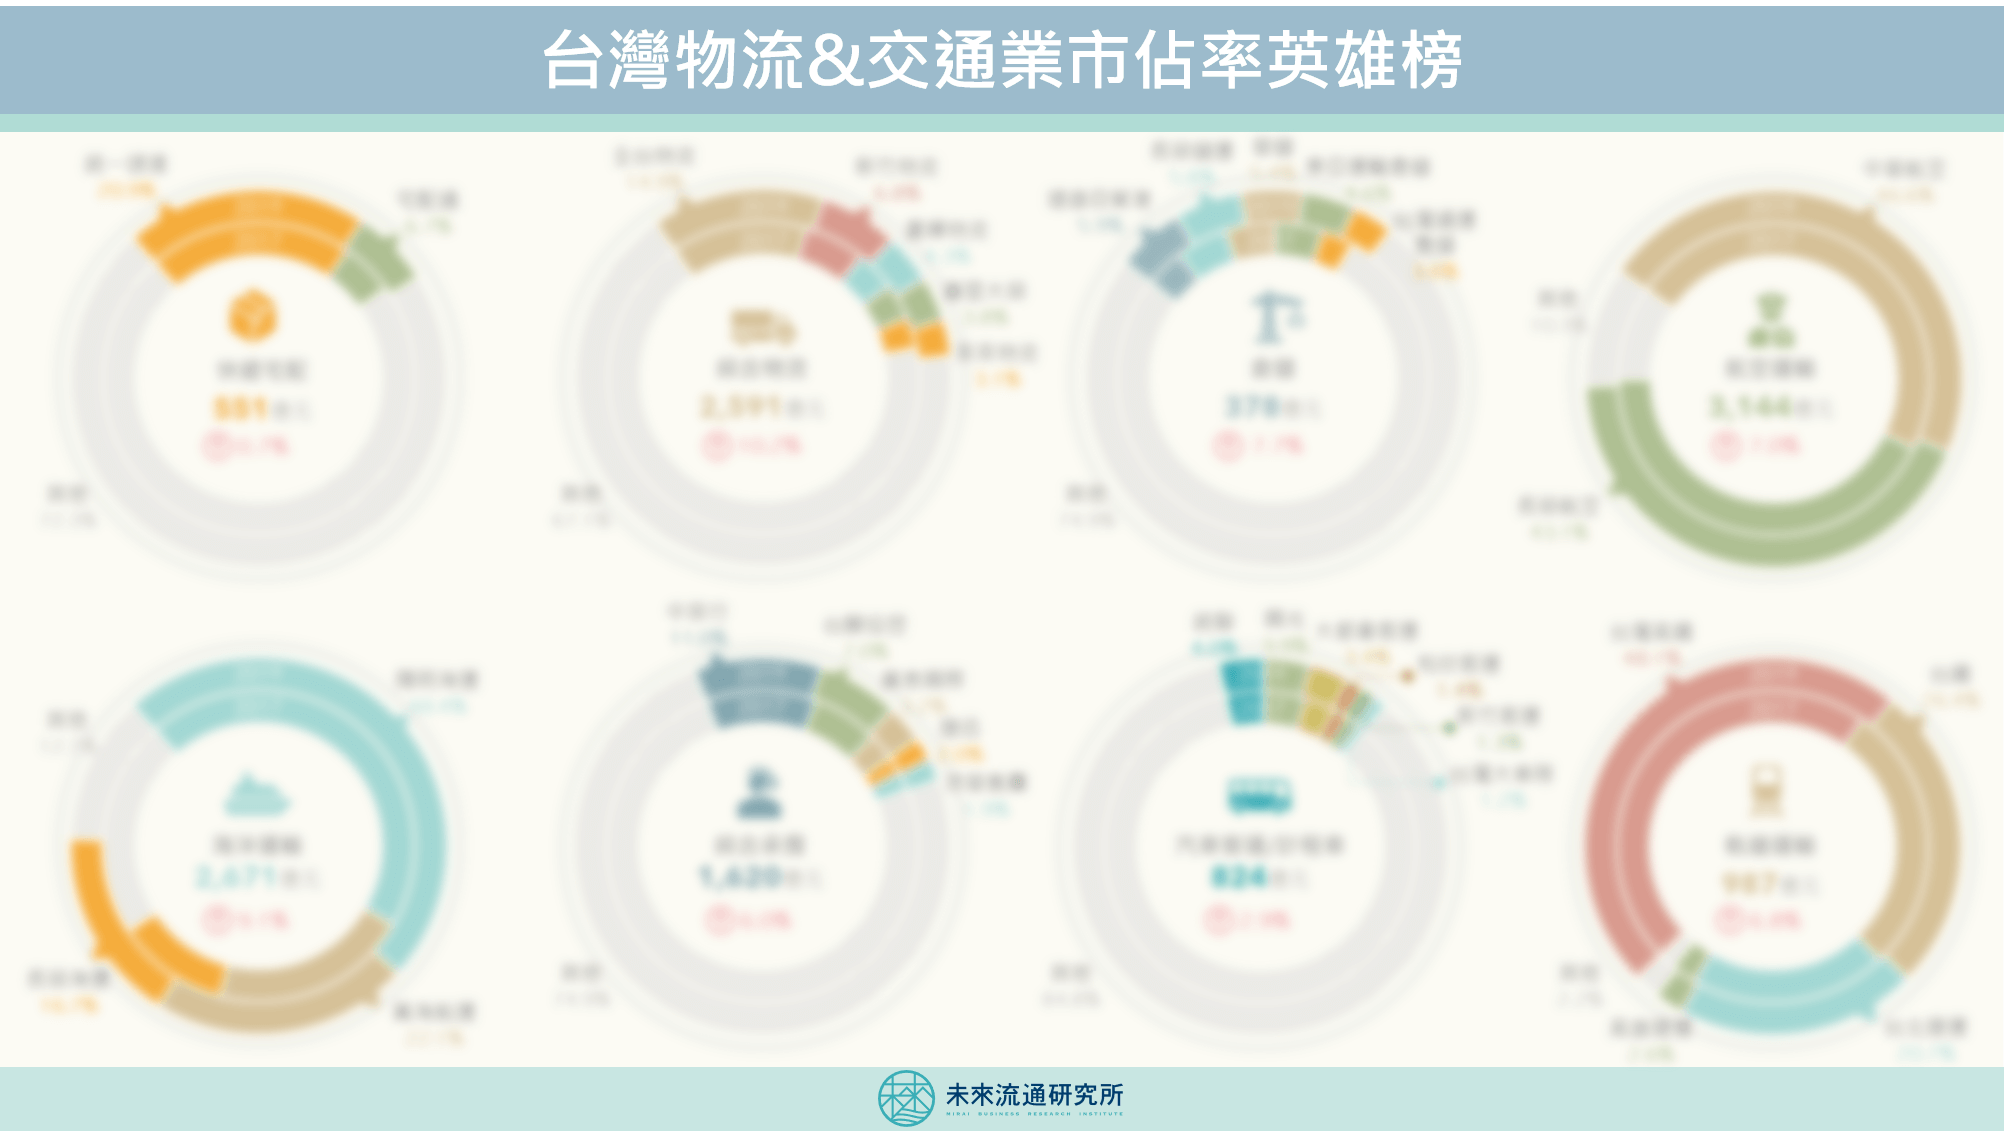 【商業數據圖解】台灣物流&交通業市佔率英雄榜